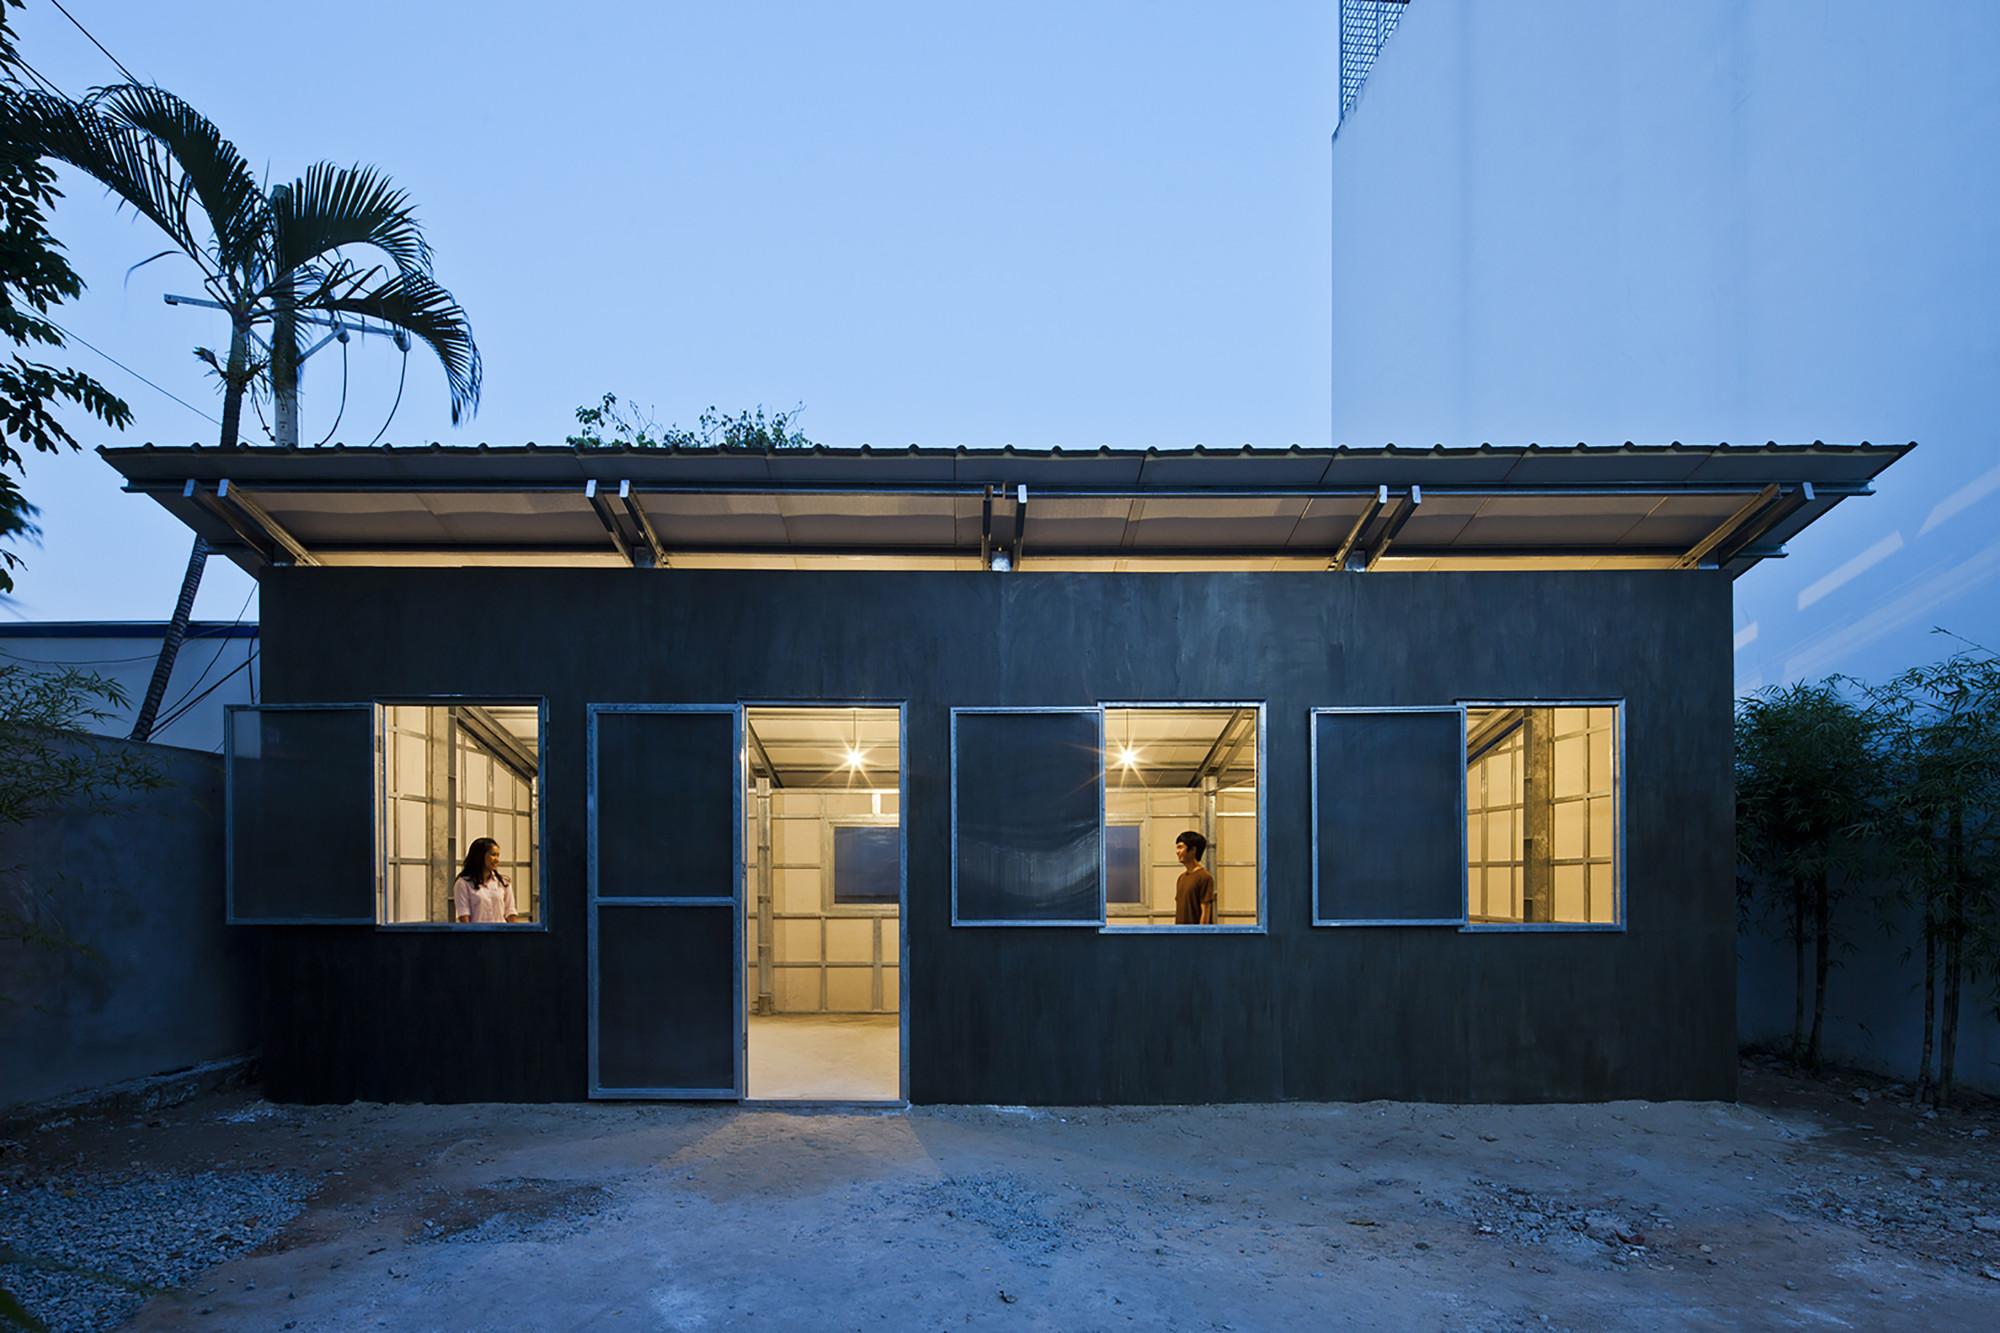 Minimalist House Project - Hiroyuki oki